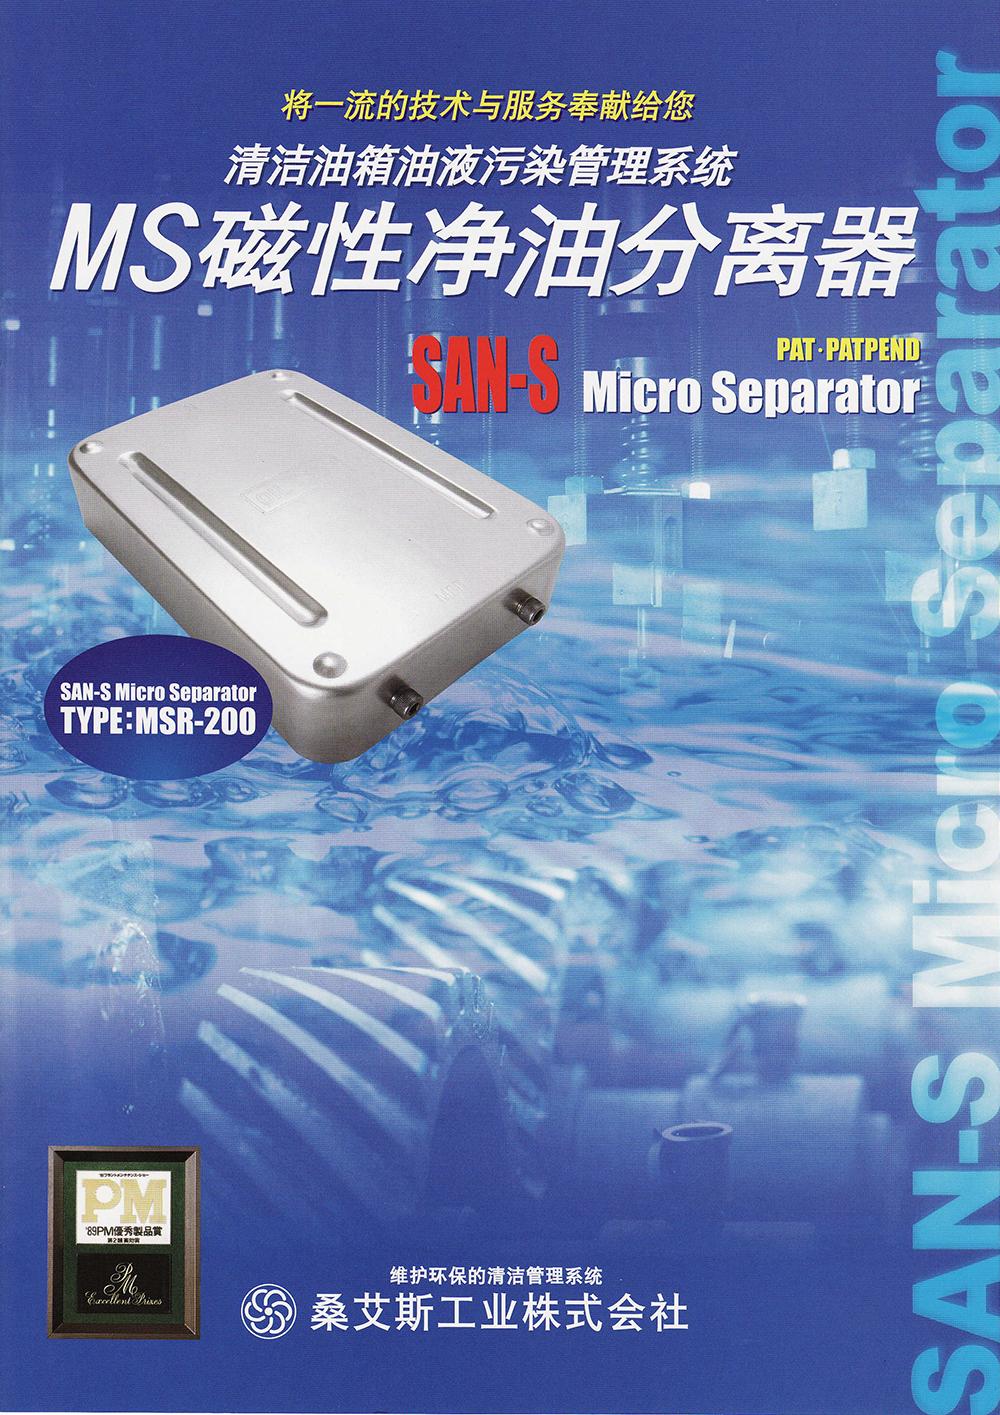 マイクロセパレータ中国語版カタログ